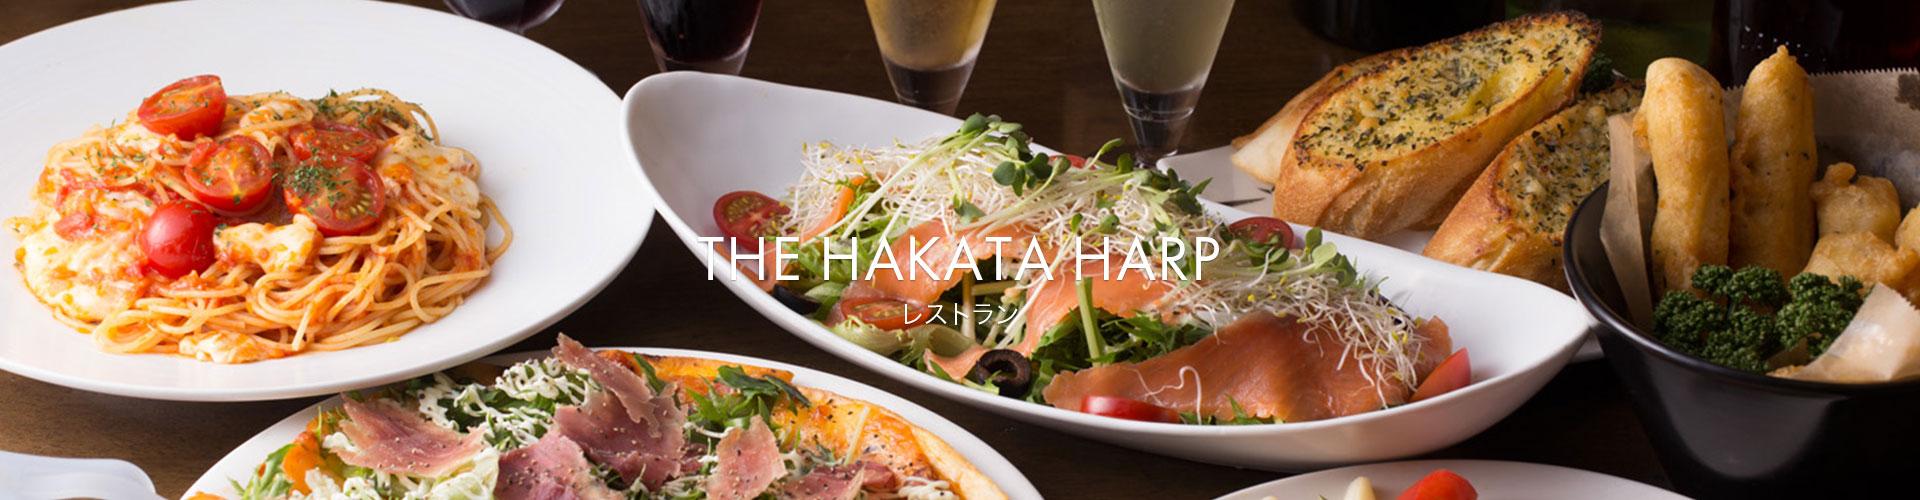 THE HAKATA HARP レストラン